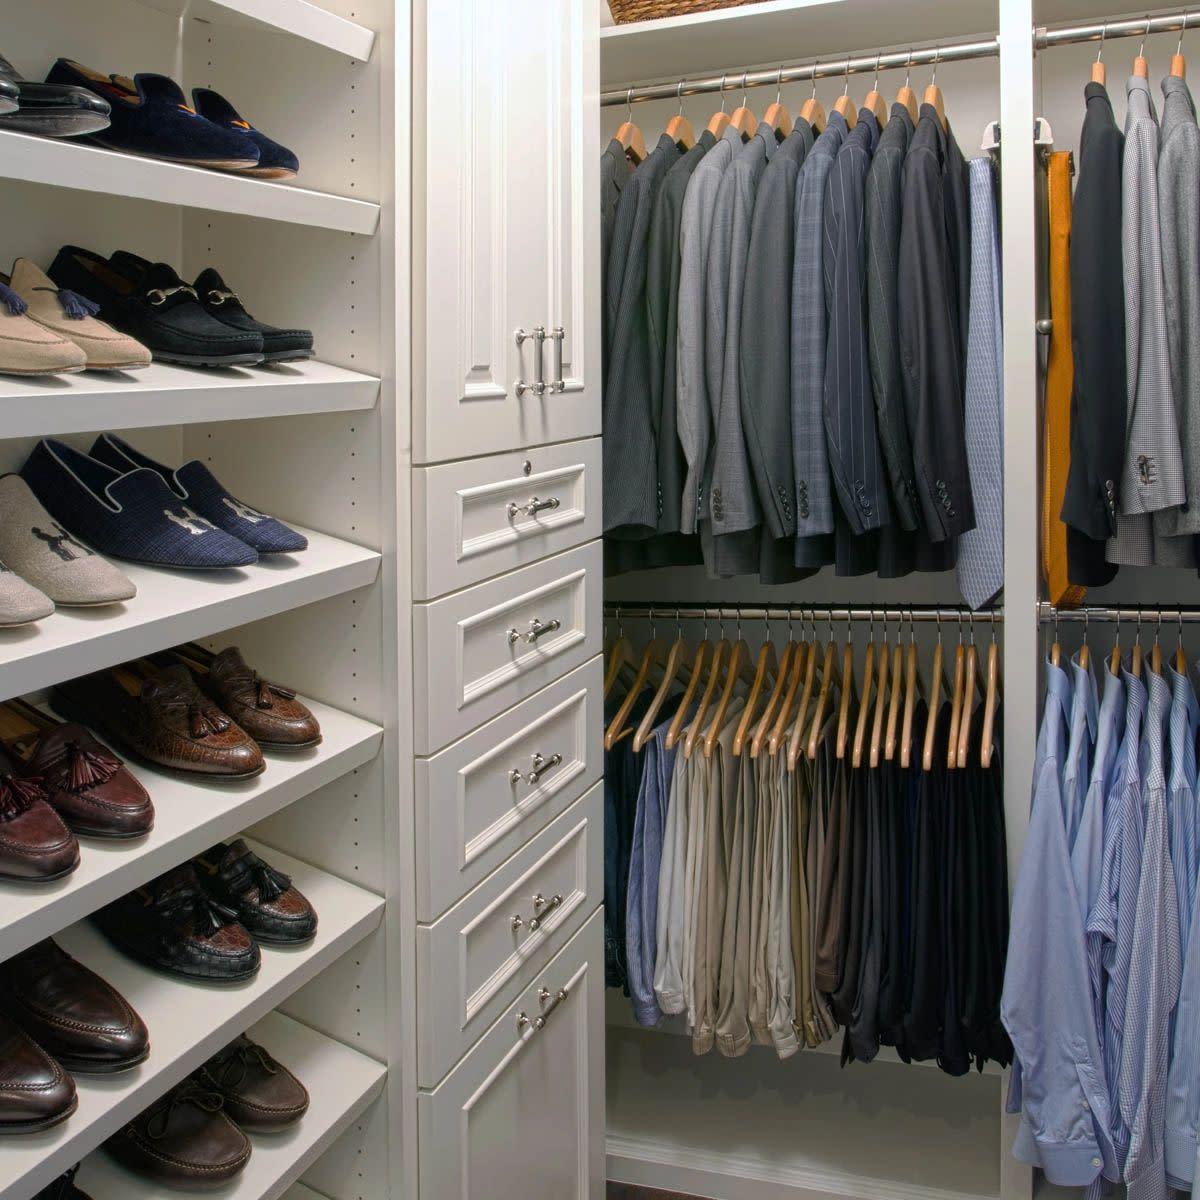 his closet